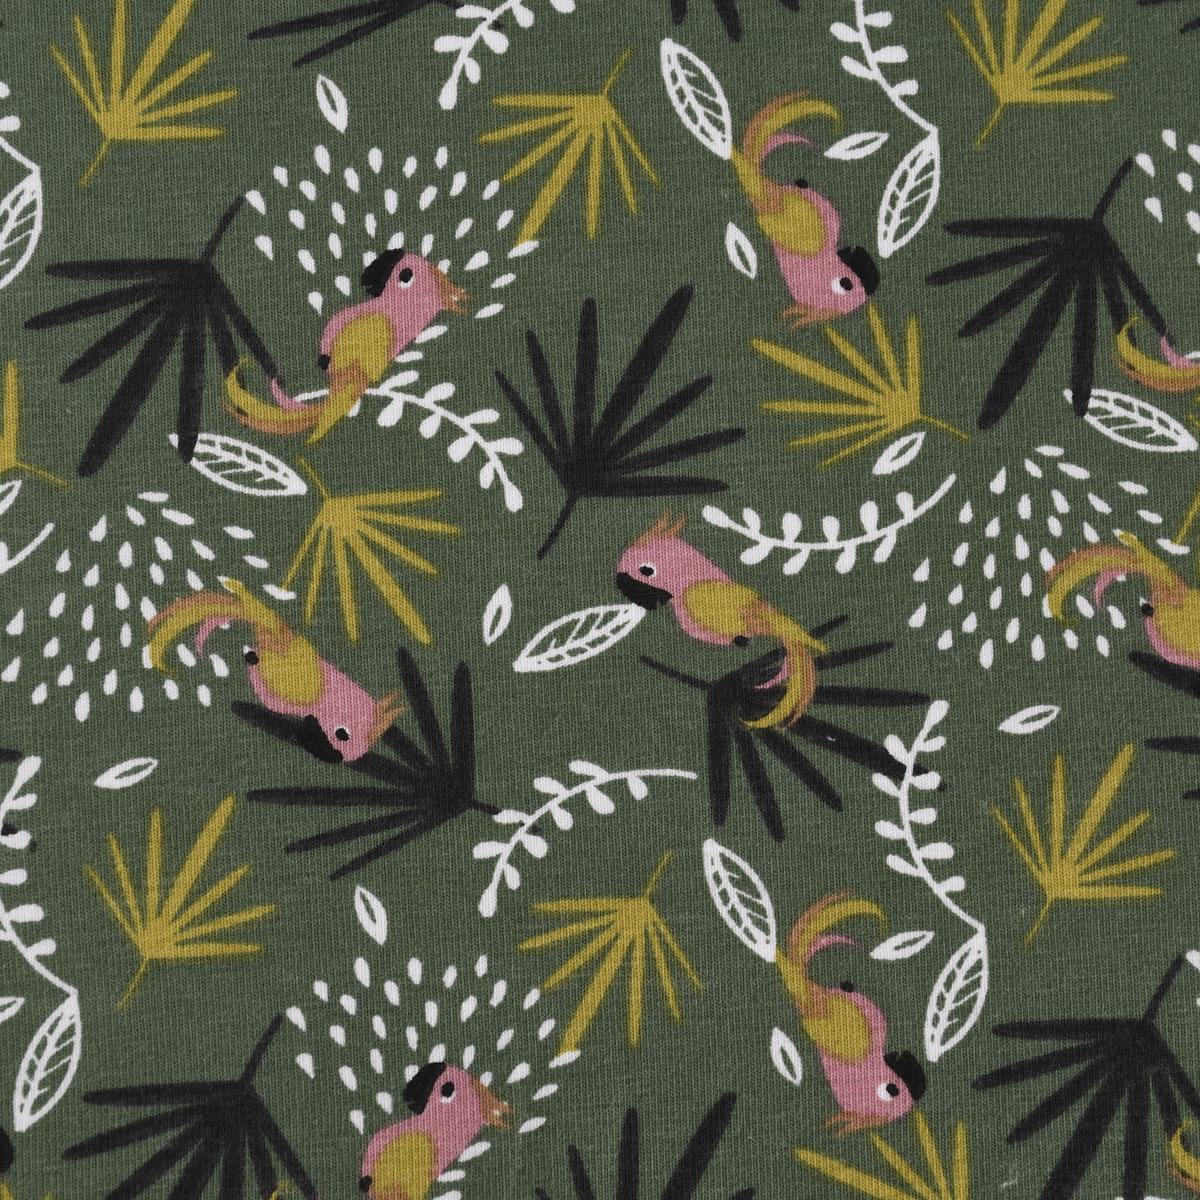 Baumwolljersey Jersey LAKOA Papagei Palmenblätter Ranken grün rosa weiß 1,5m Breite